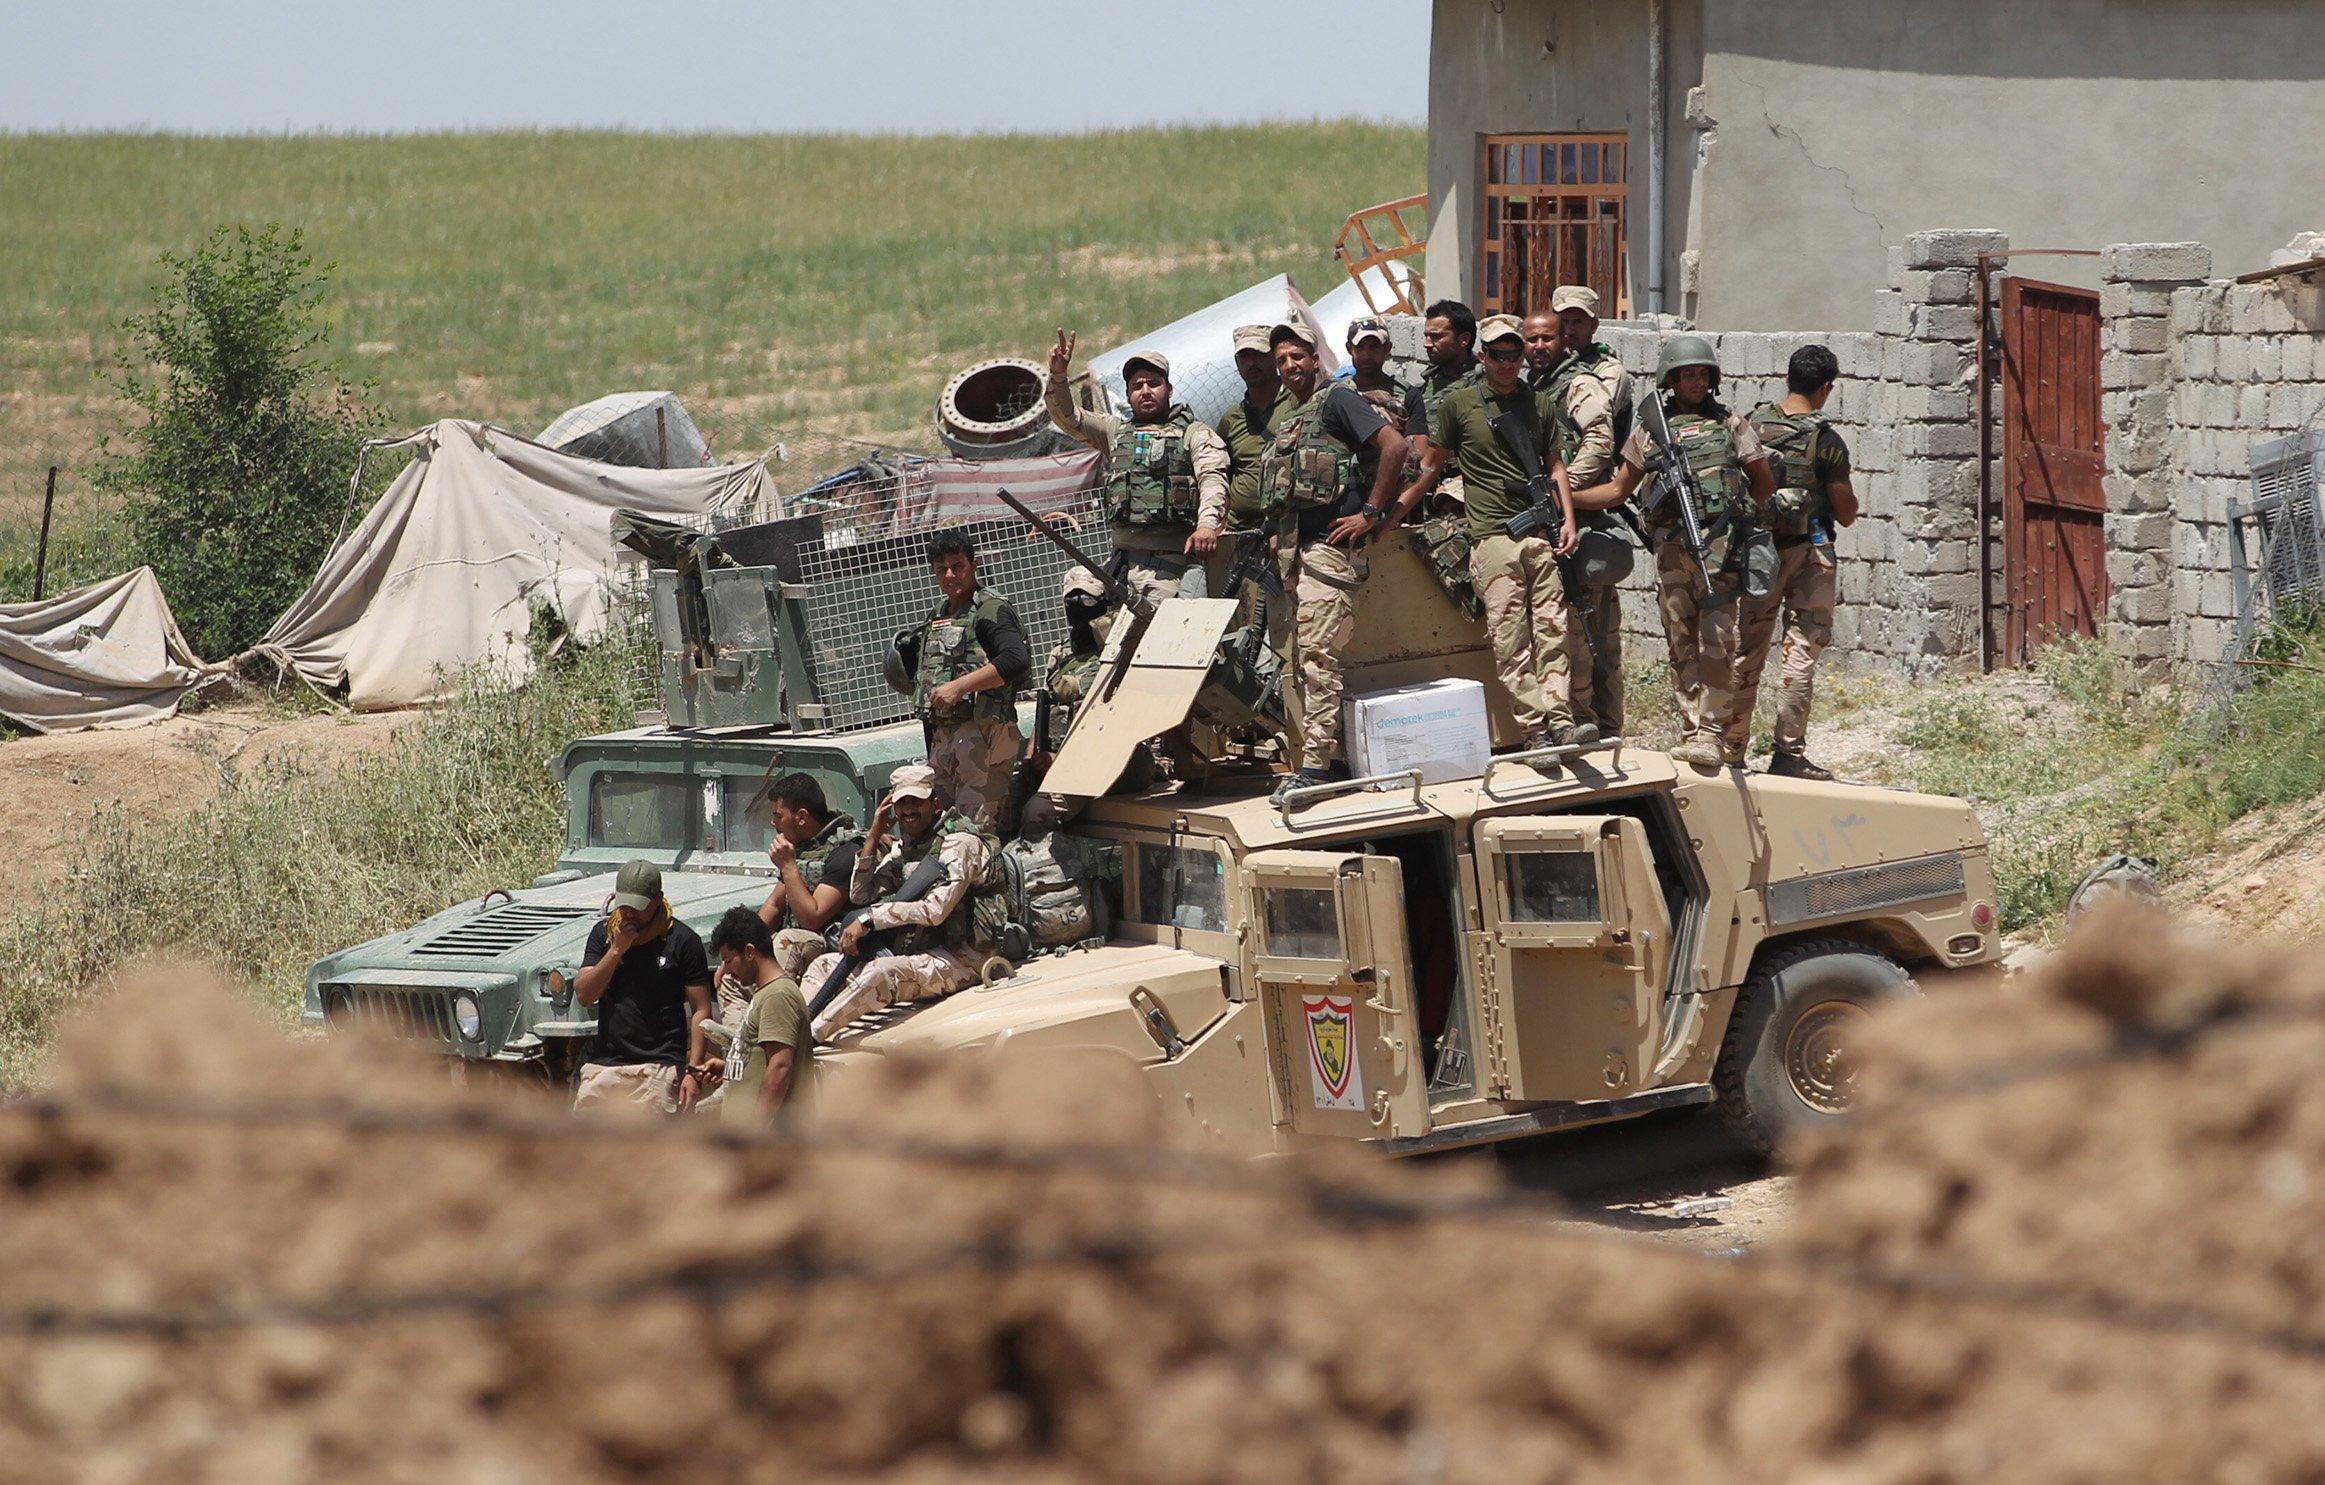 لقطة تجمع بين مصفحة تابعة للجيش العراقي فرقة المشاة السادسة عشرة ومصفحة اخرى لقوات الشرطة الاتحادية